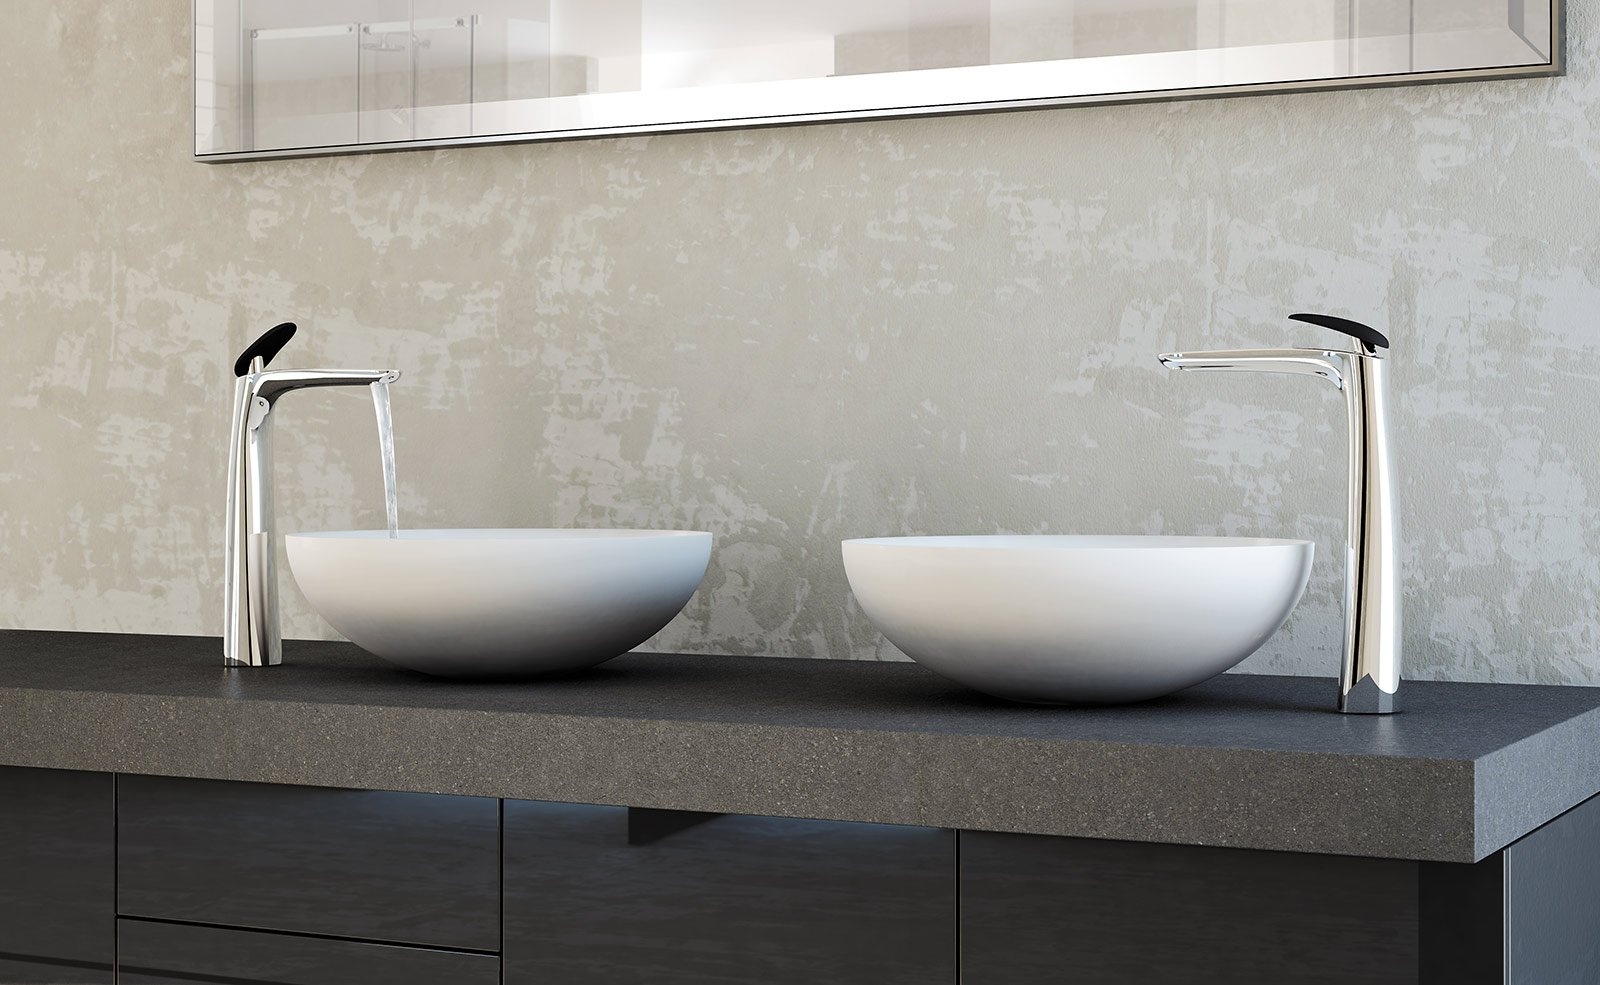 Rubinetteria per il lavabo cose di casa - Rubinetti bagno ottone ...